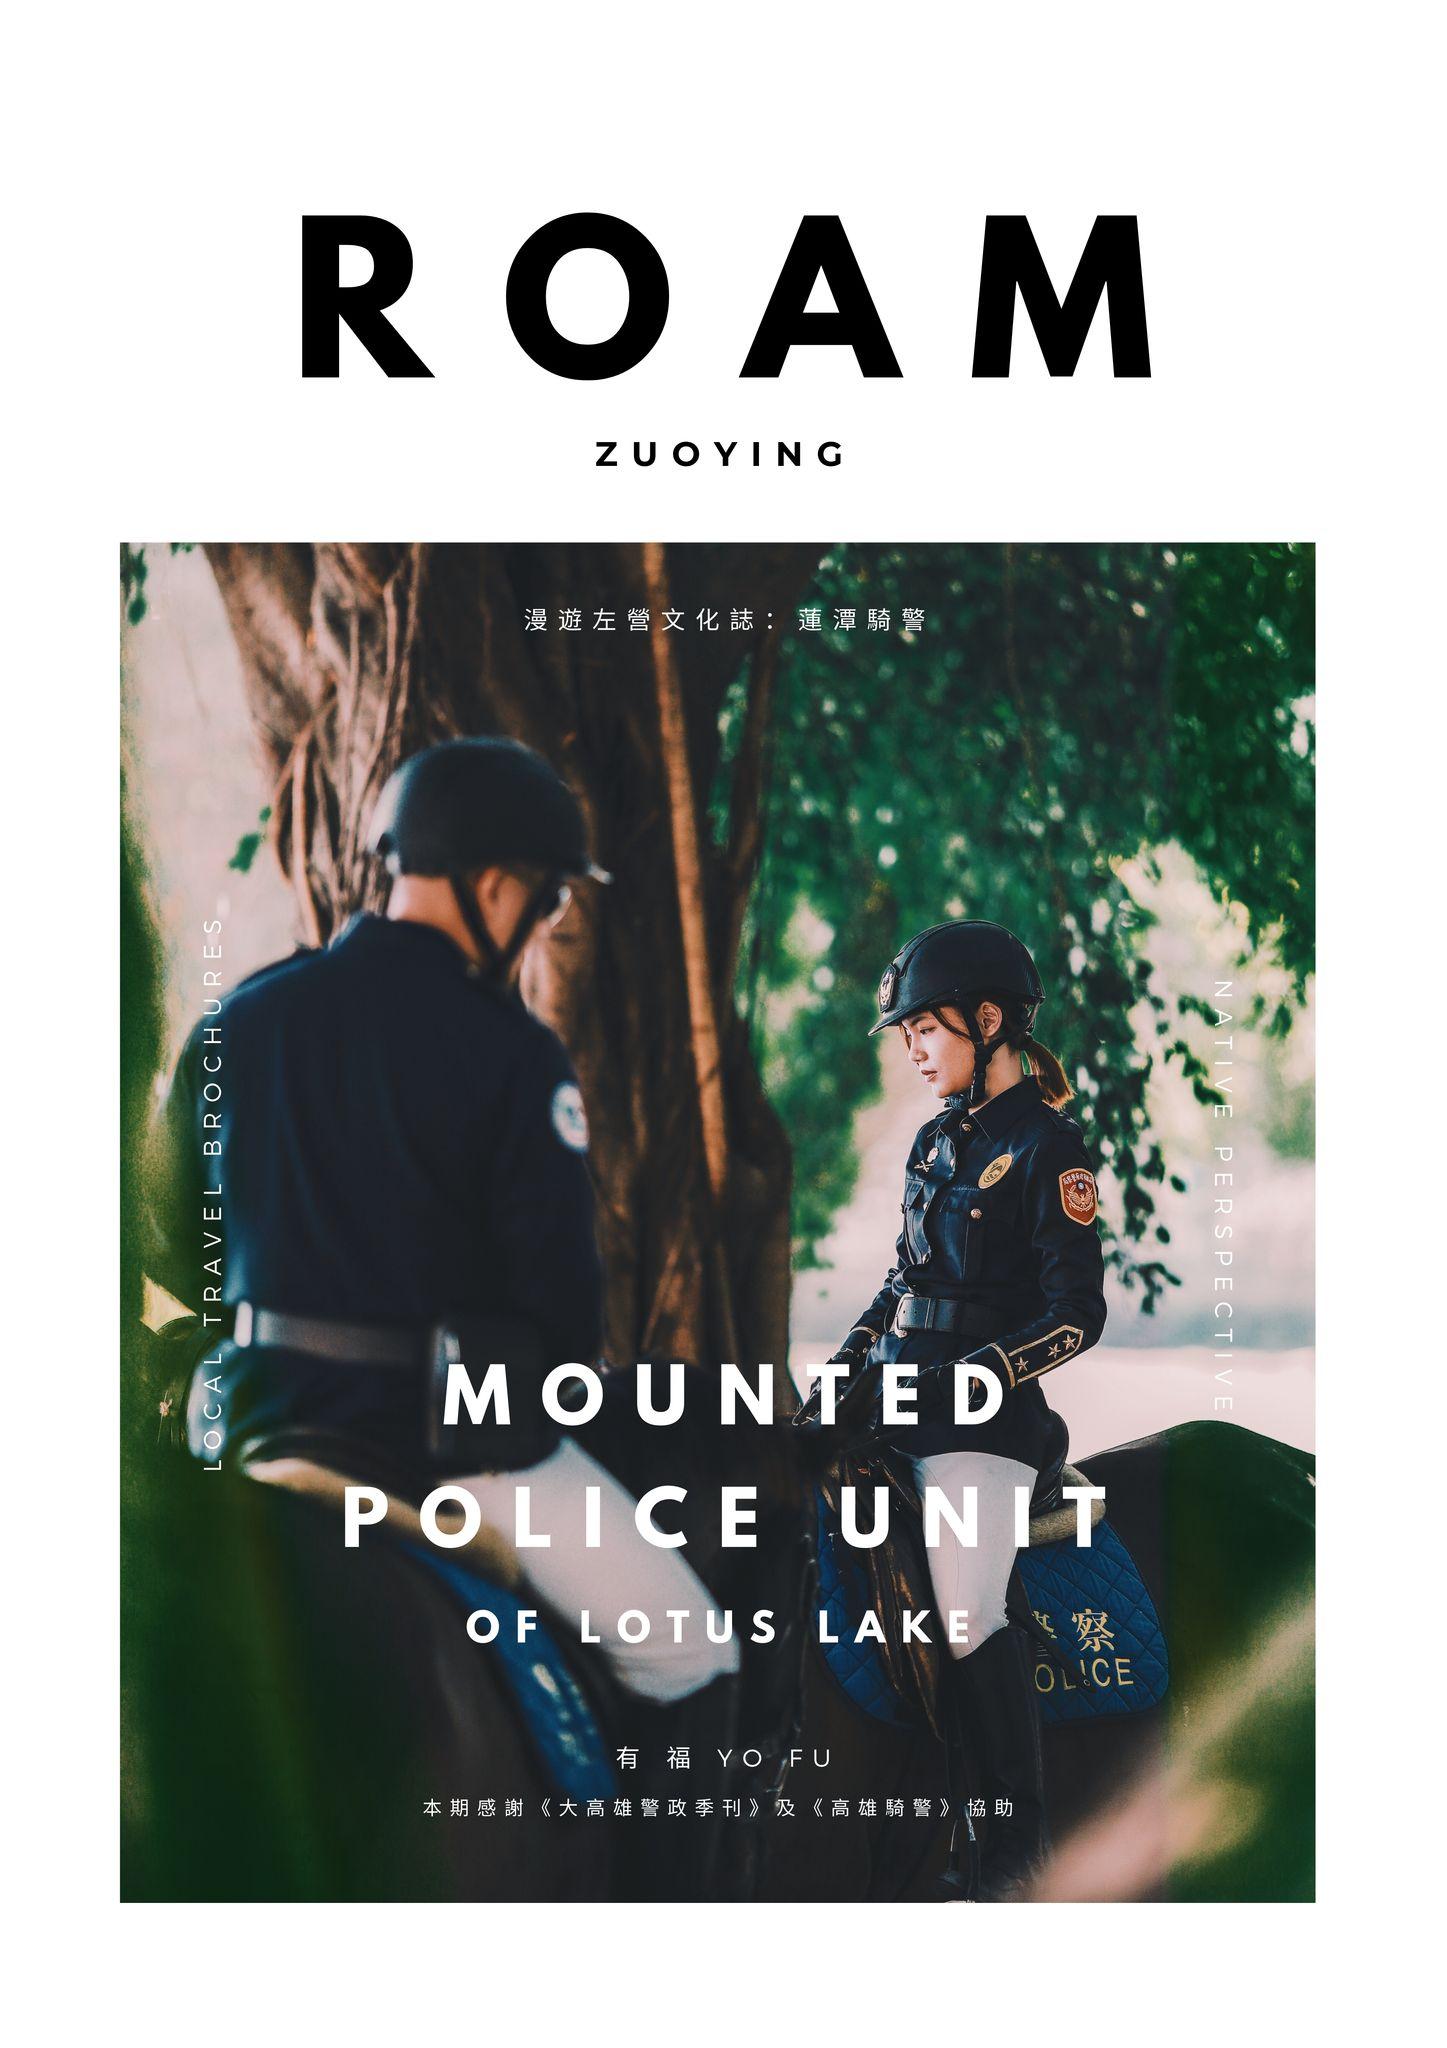 漫遊左營文化誌|Roam Zuoying Issue06 - 蓮潭騎警